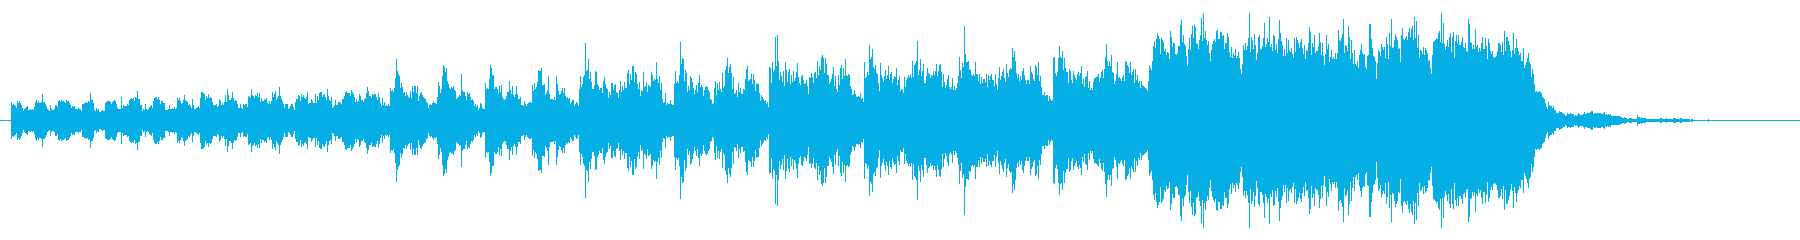 不思議/不気味/ポップの再生済みの波形